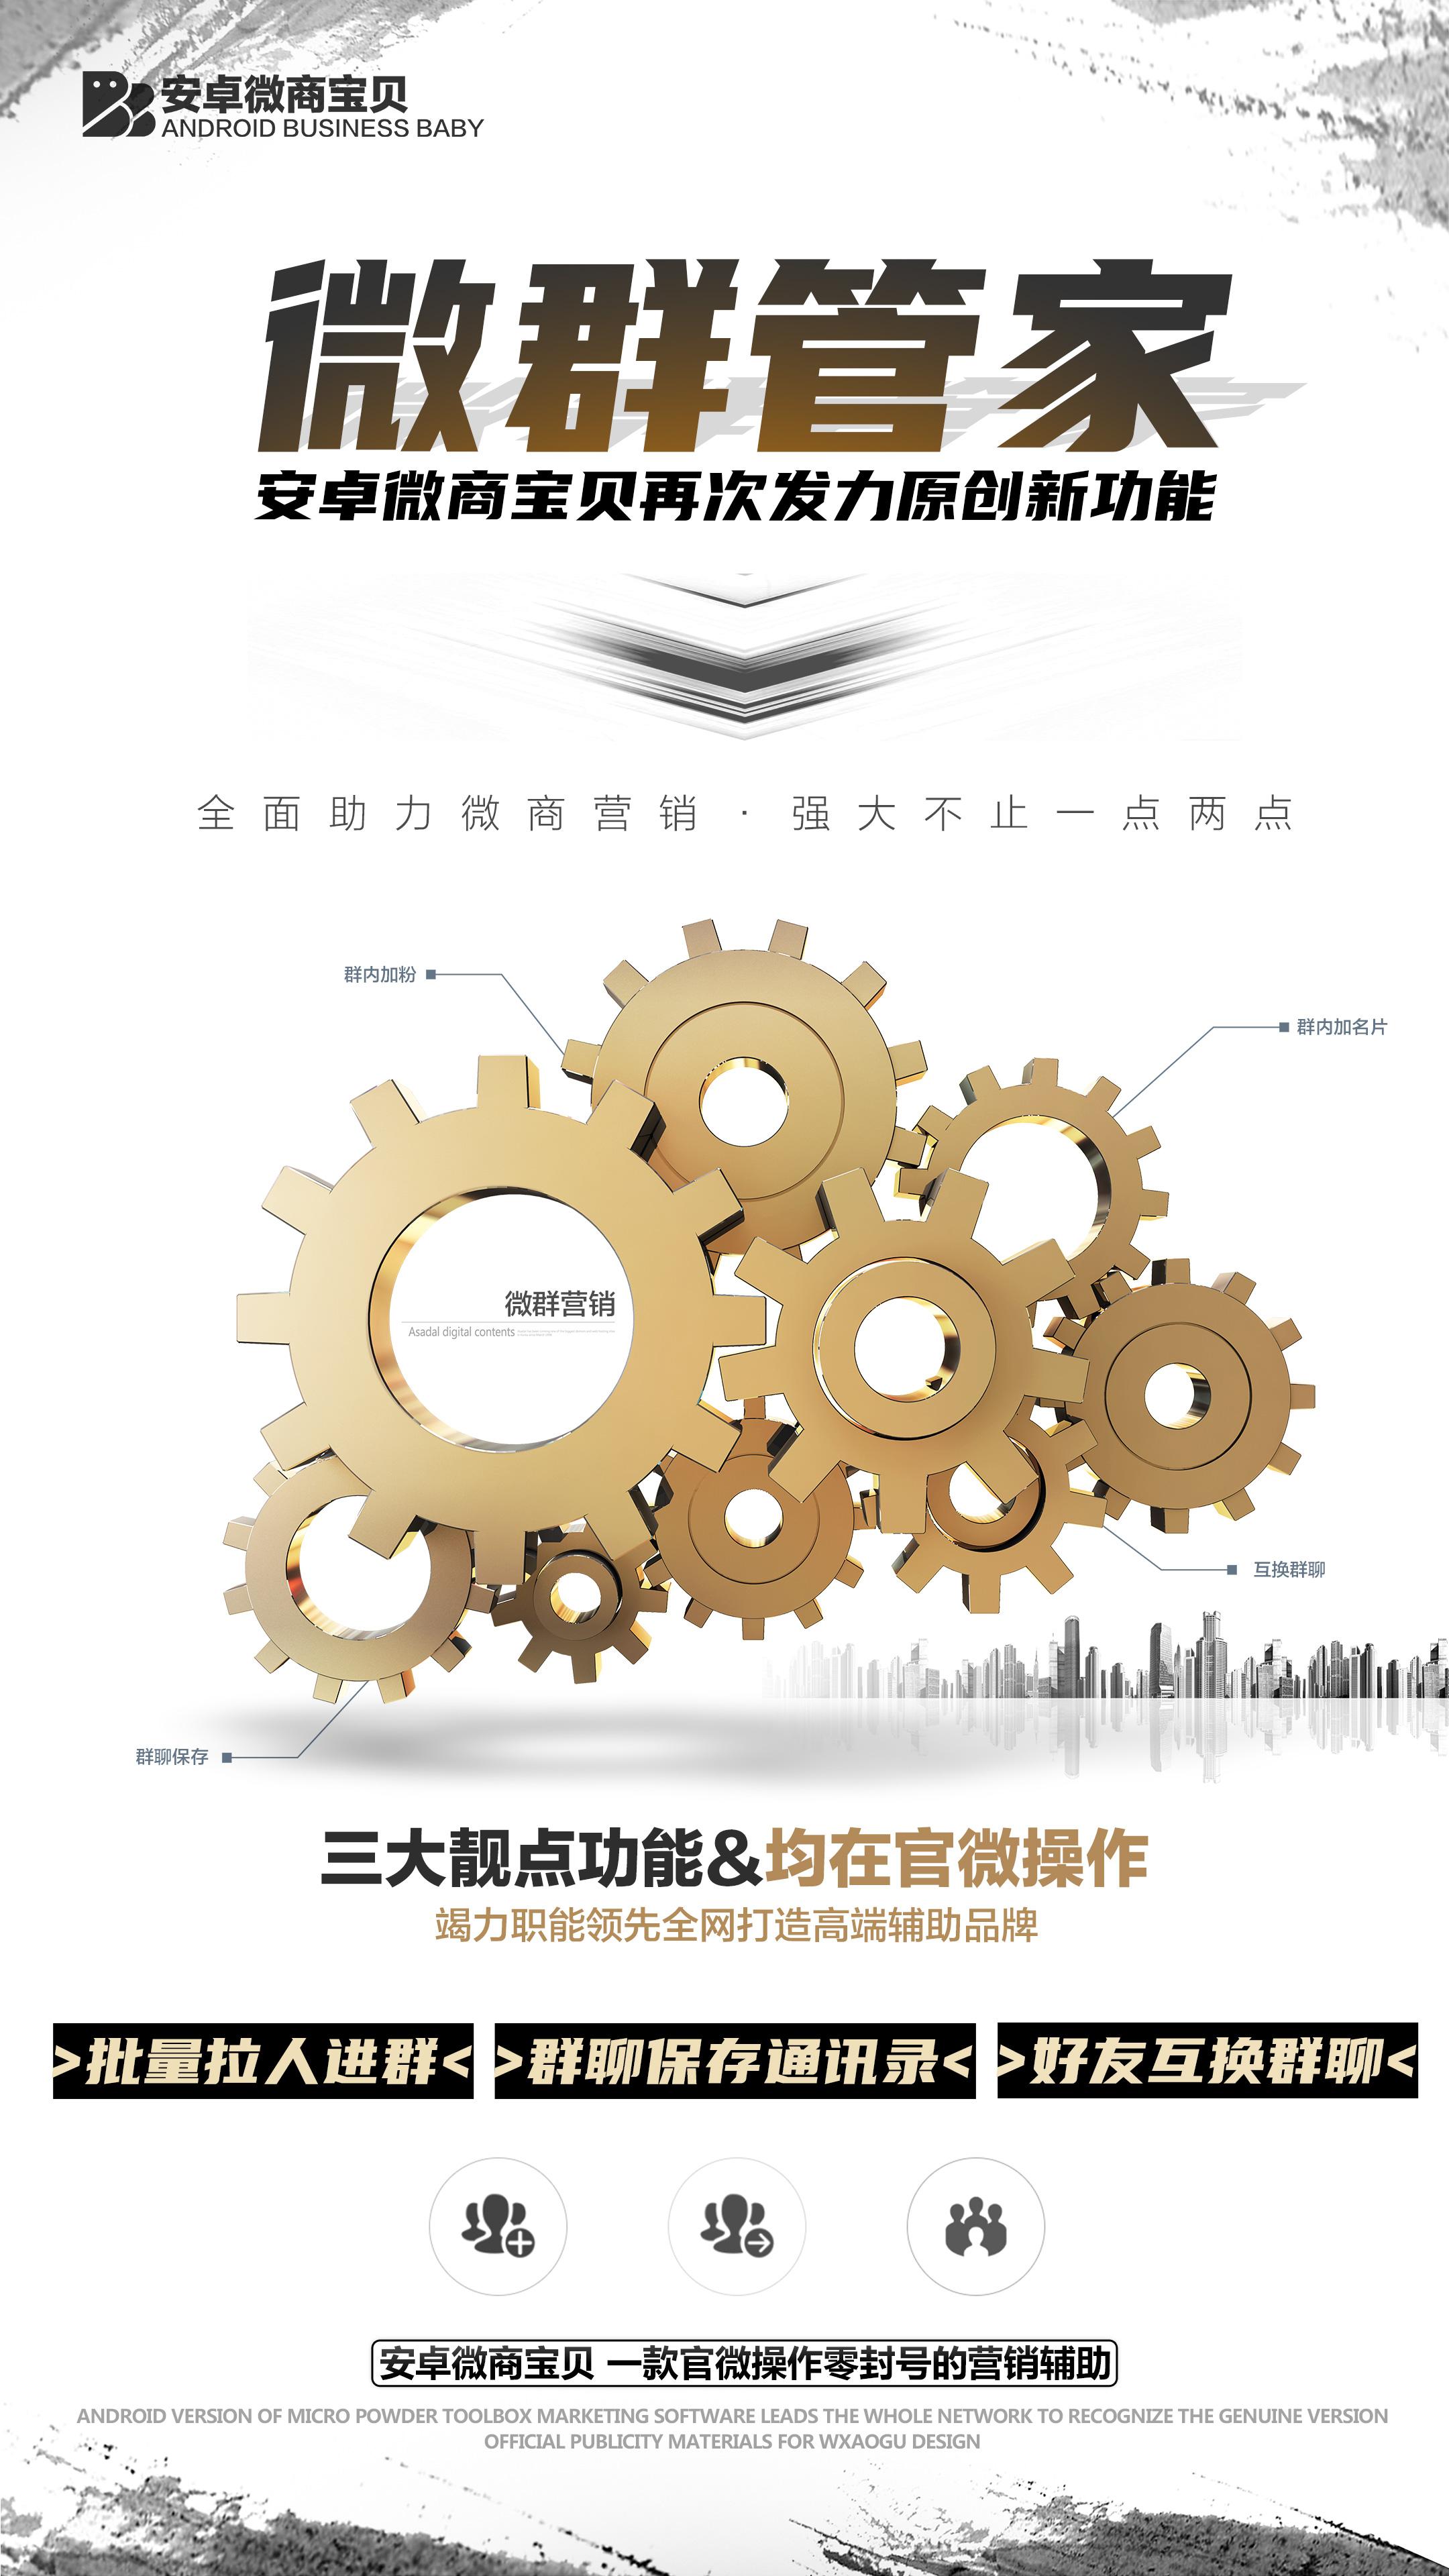 【微商宝贝官网】安卓官微群管家零封号营销软件授权激活码